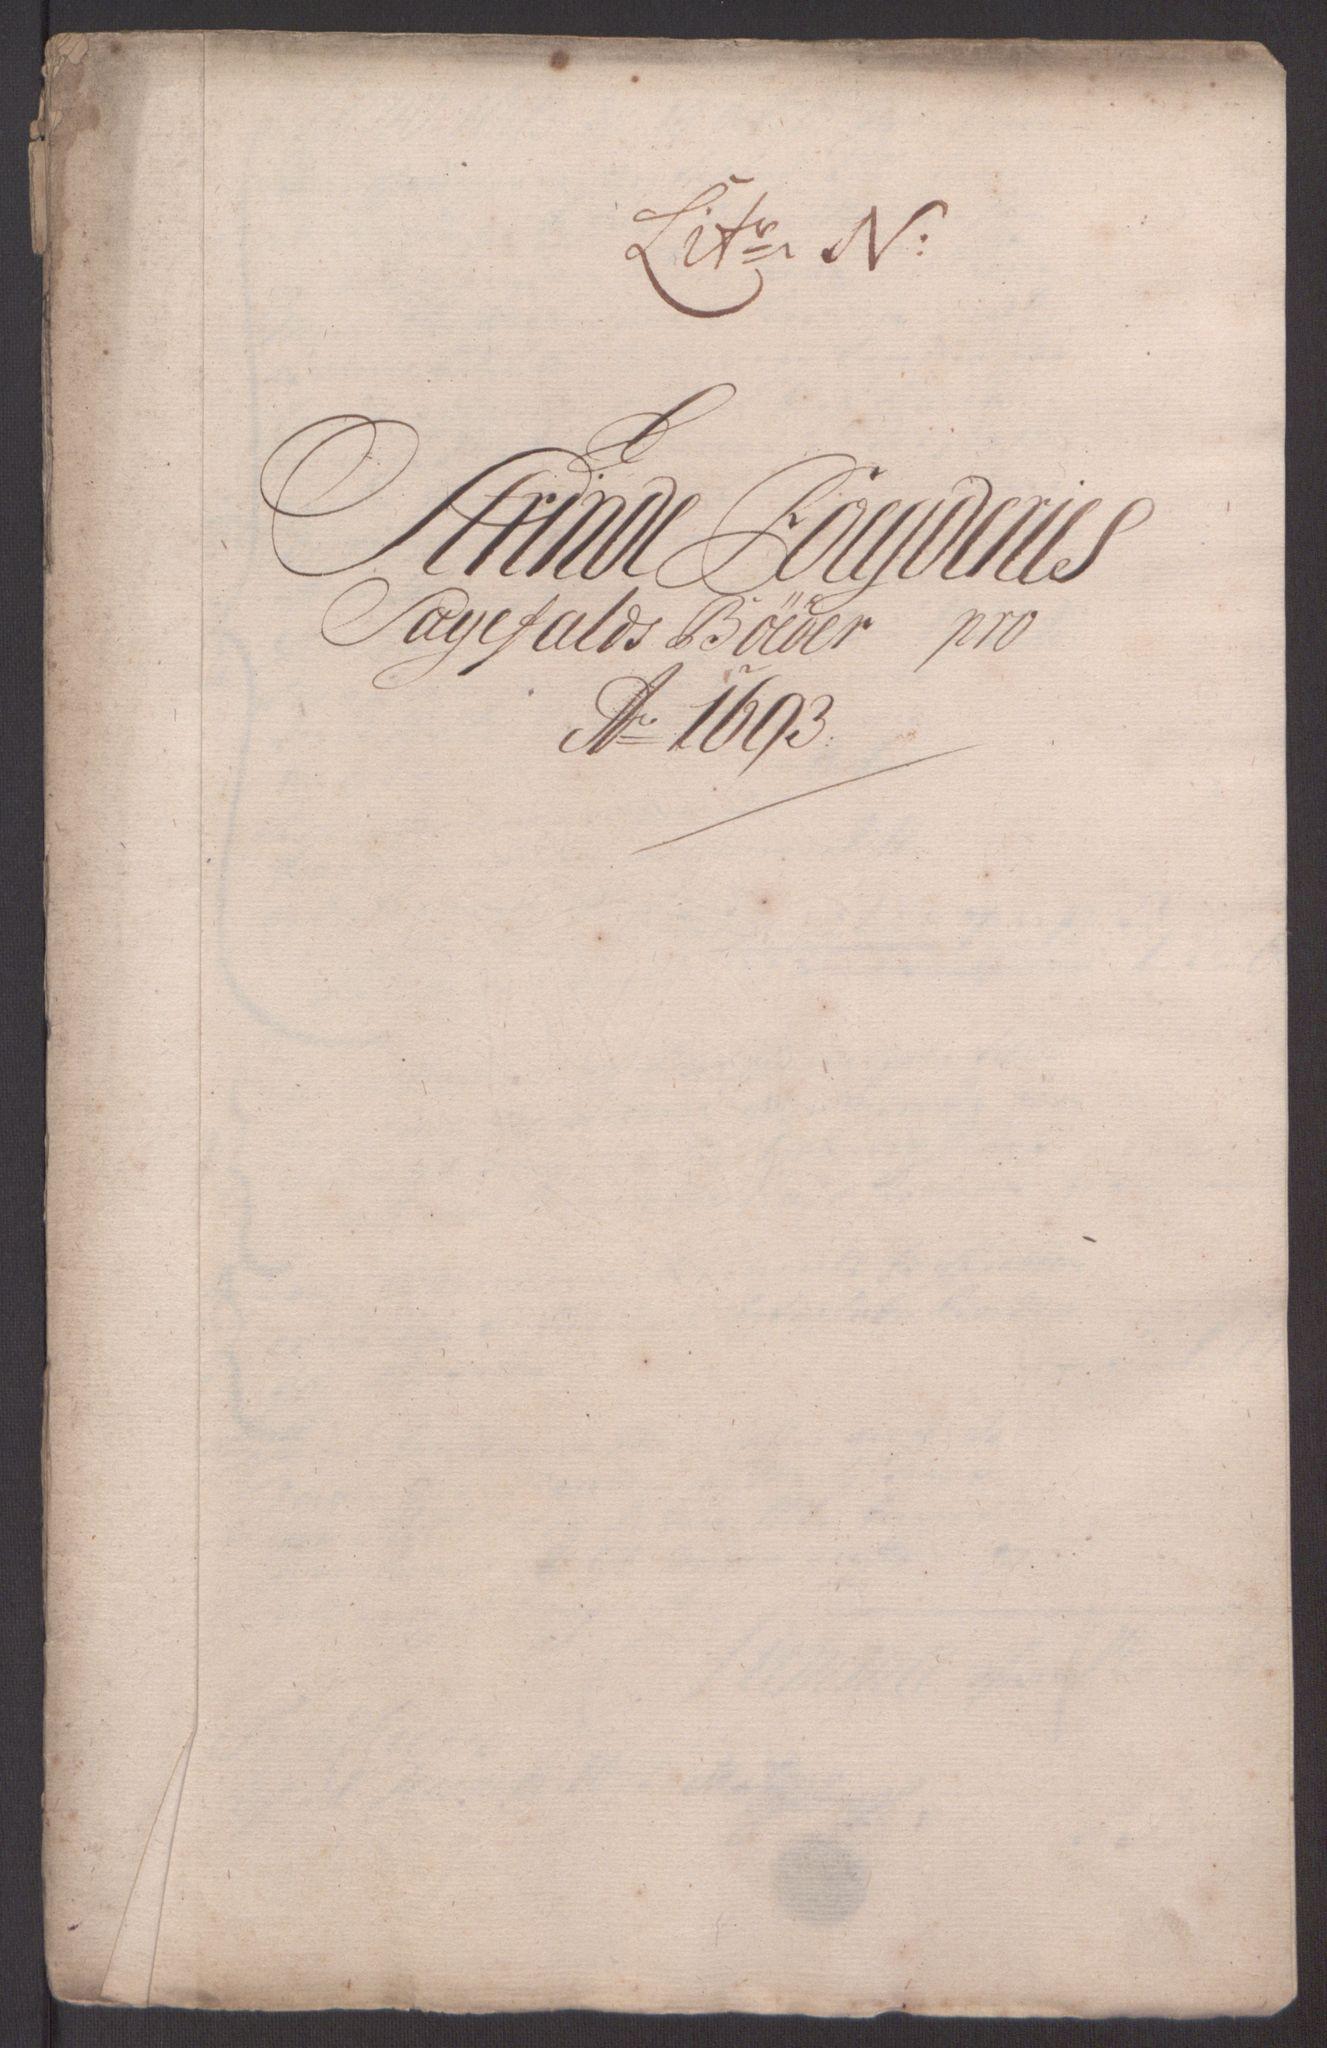 RA, Rentekammeret inntil 1814, Reviderte regnskaper, Fogderegnskap, R61/L4104: Fogderegnskap Strinda og Selbu, 1693-1694, s. 134